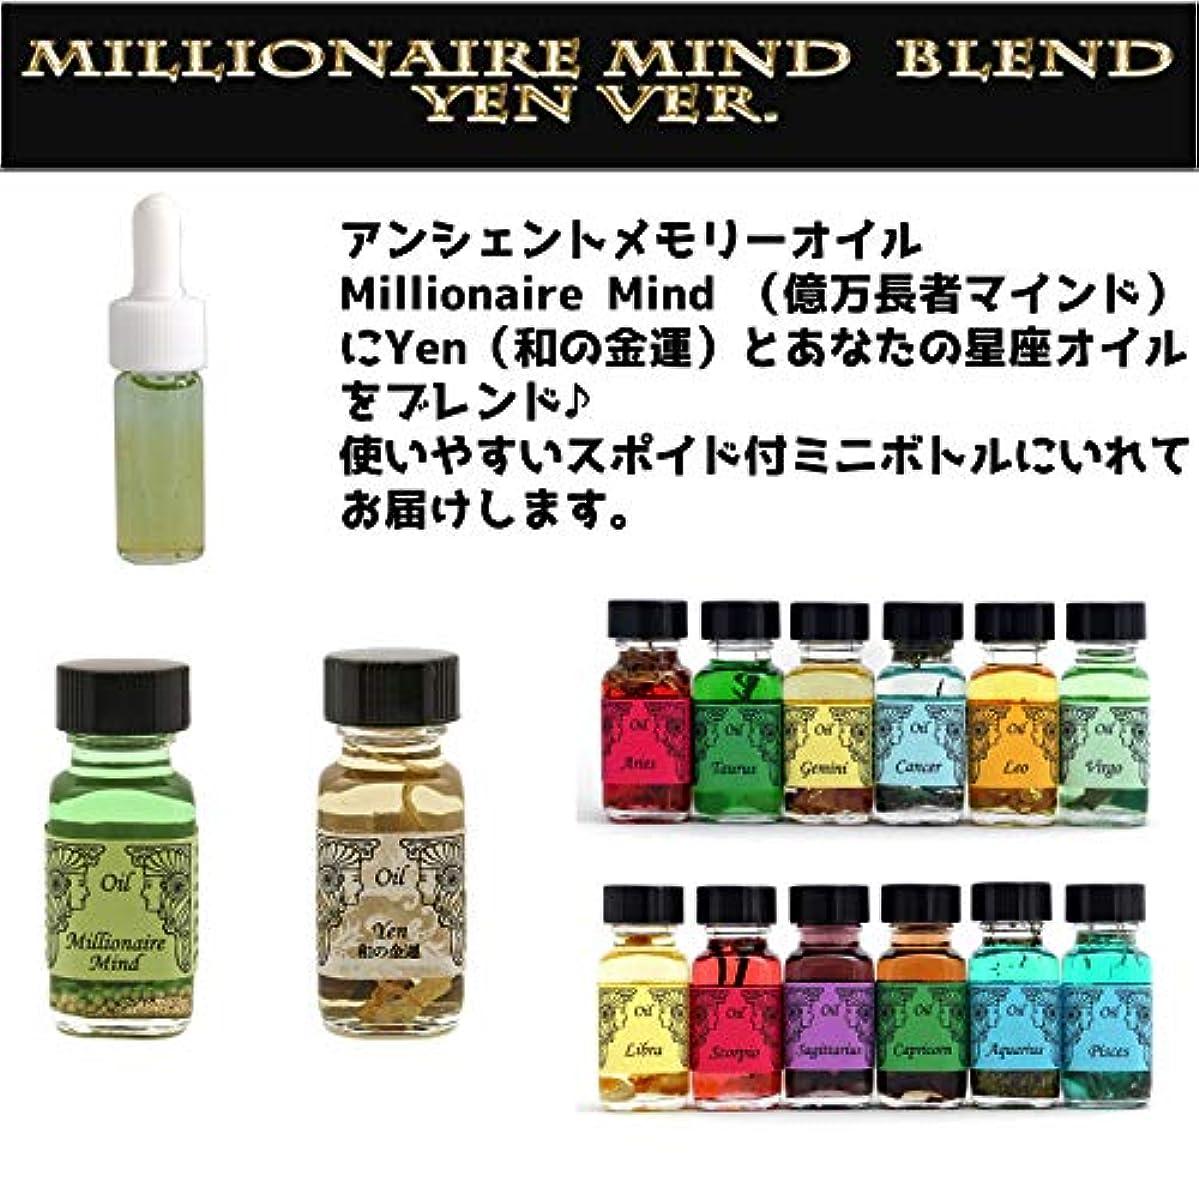 デンプシーボートネックレスアンシェントメモリーオイル Millionaire Mind 億万長者マインド ブレンド【Yen 和の金運&やぎ座】